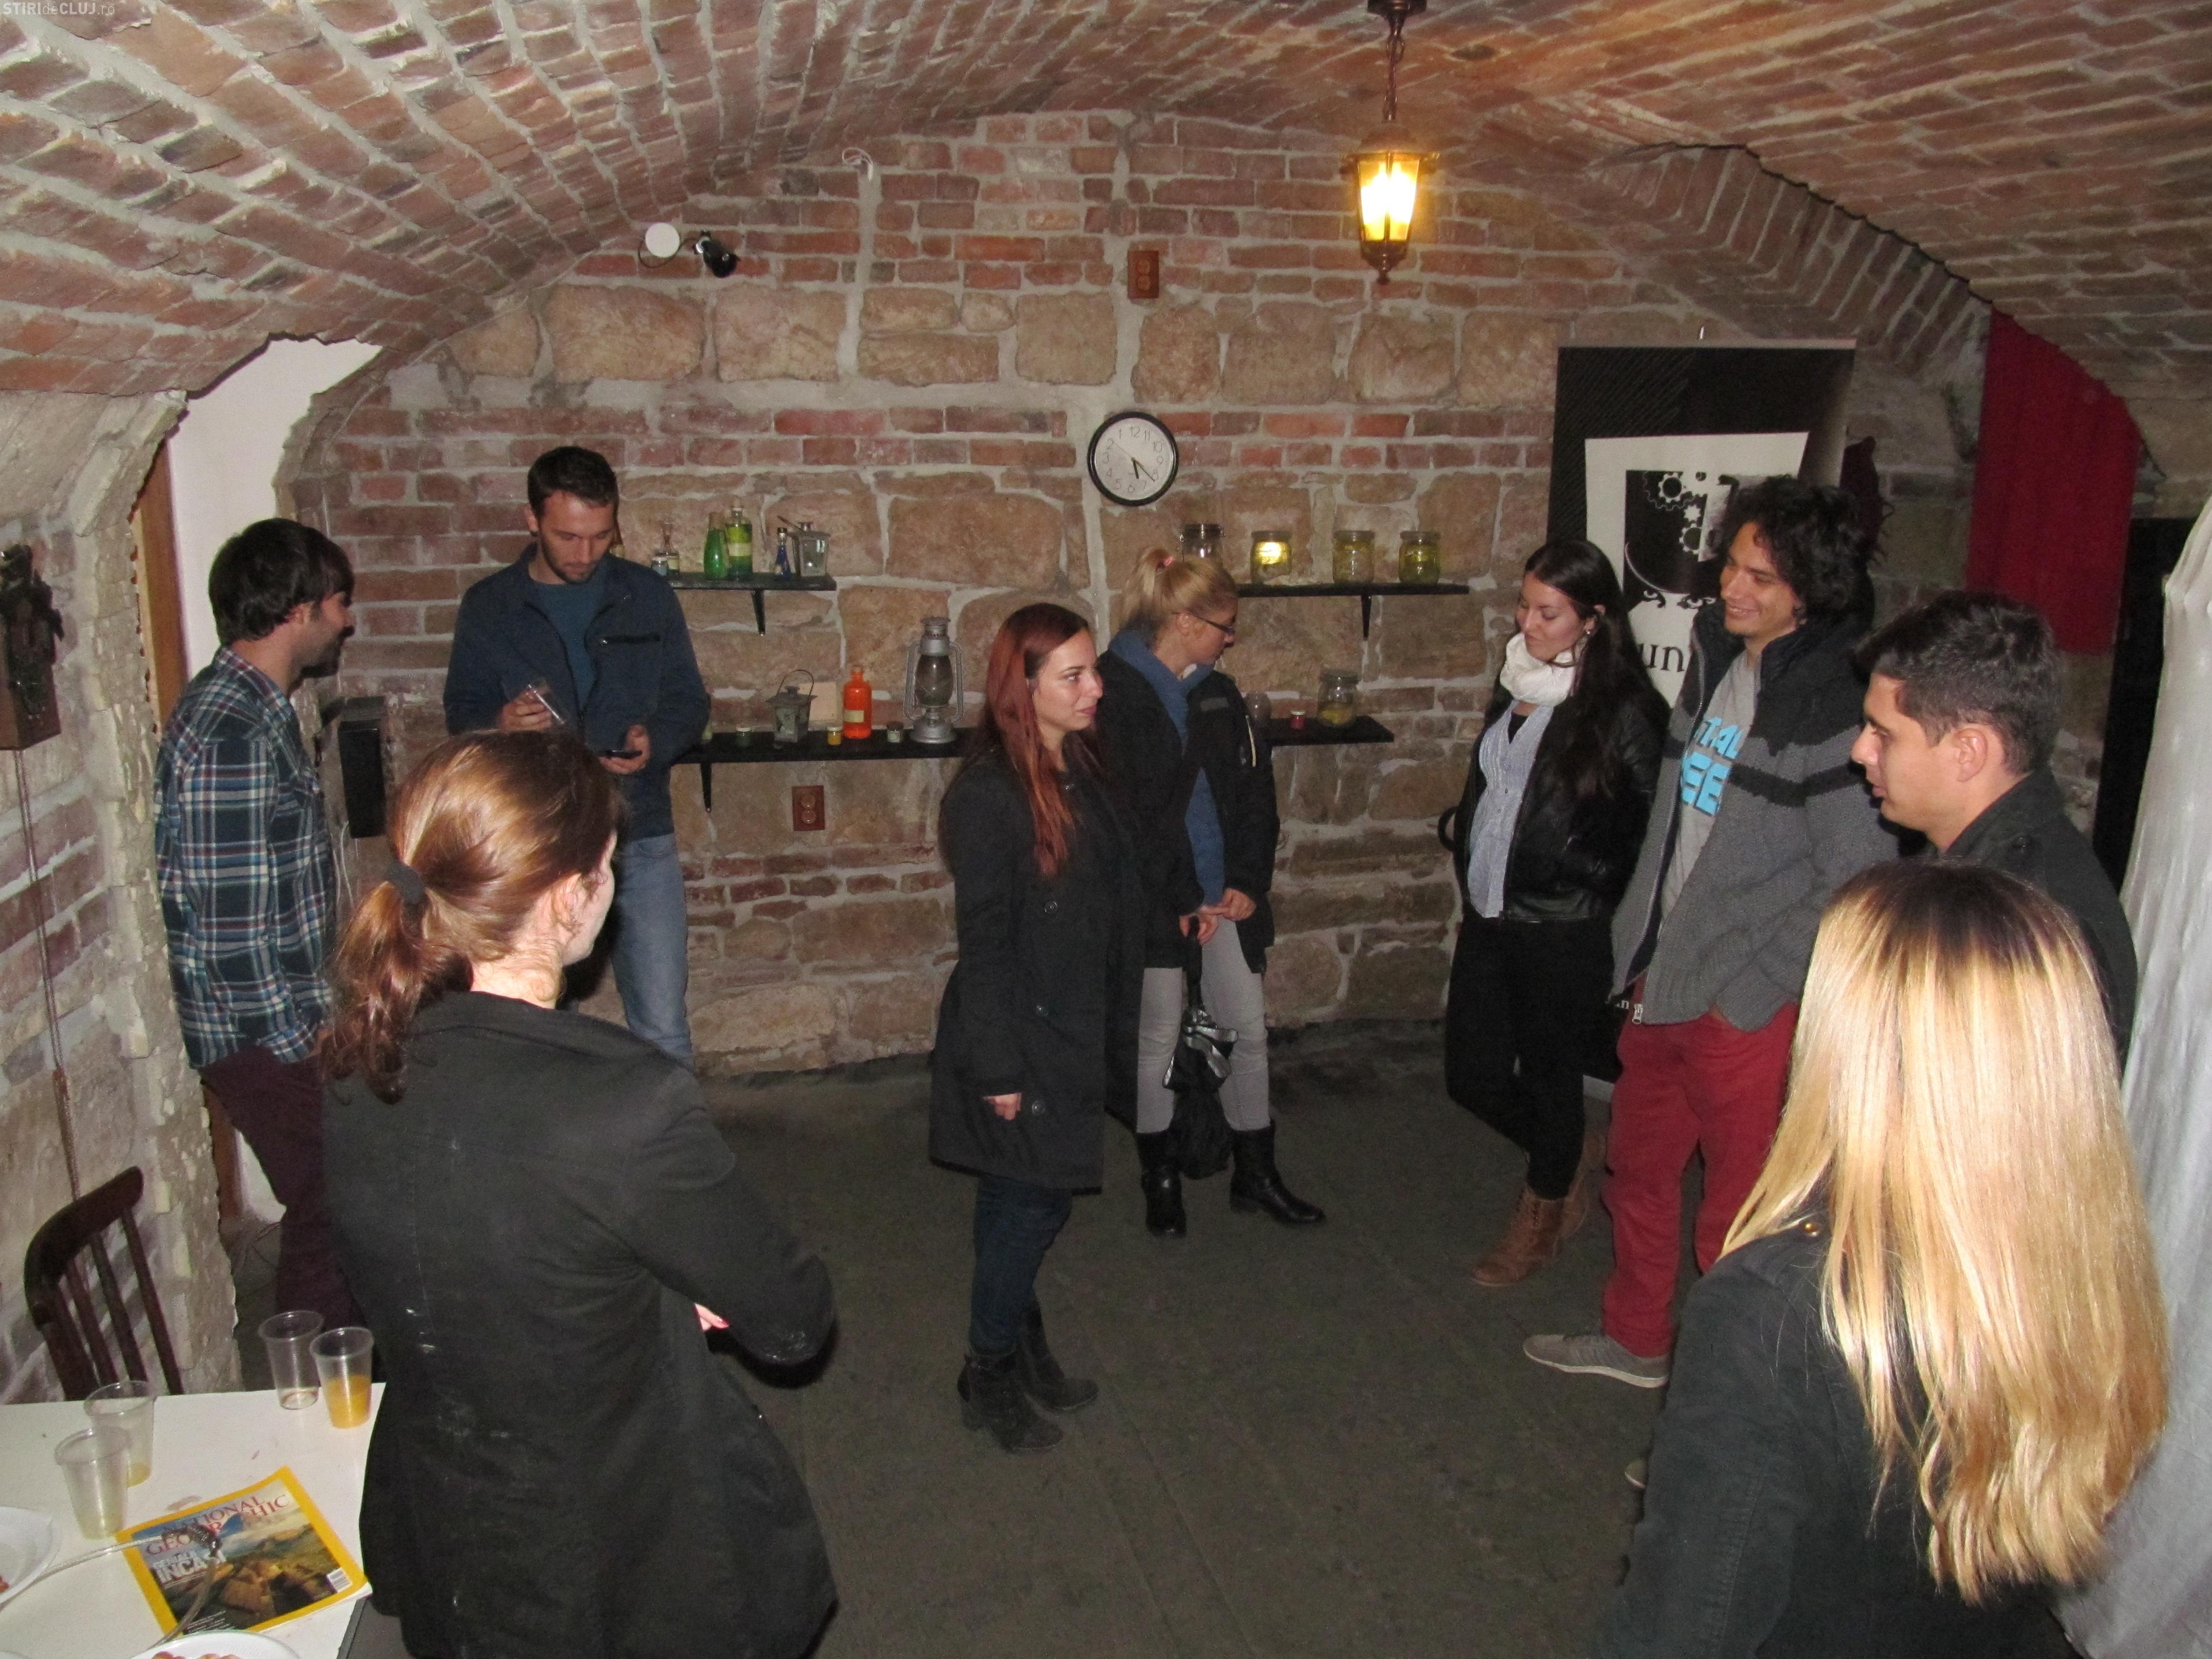 The Dungeon Cluj - jocul groazei, lansează o nouă provocare pentru clujeni și turiști